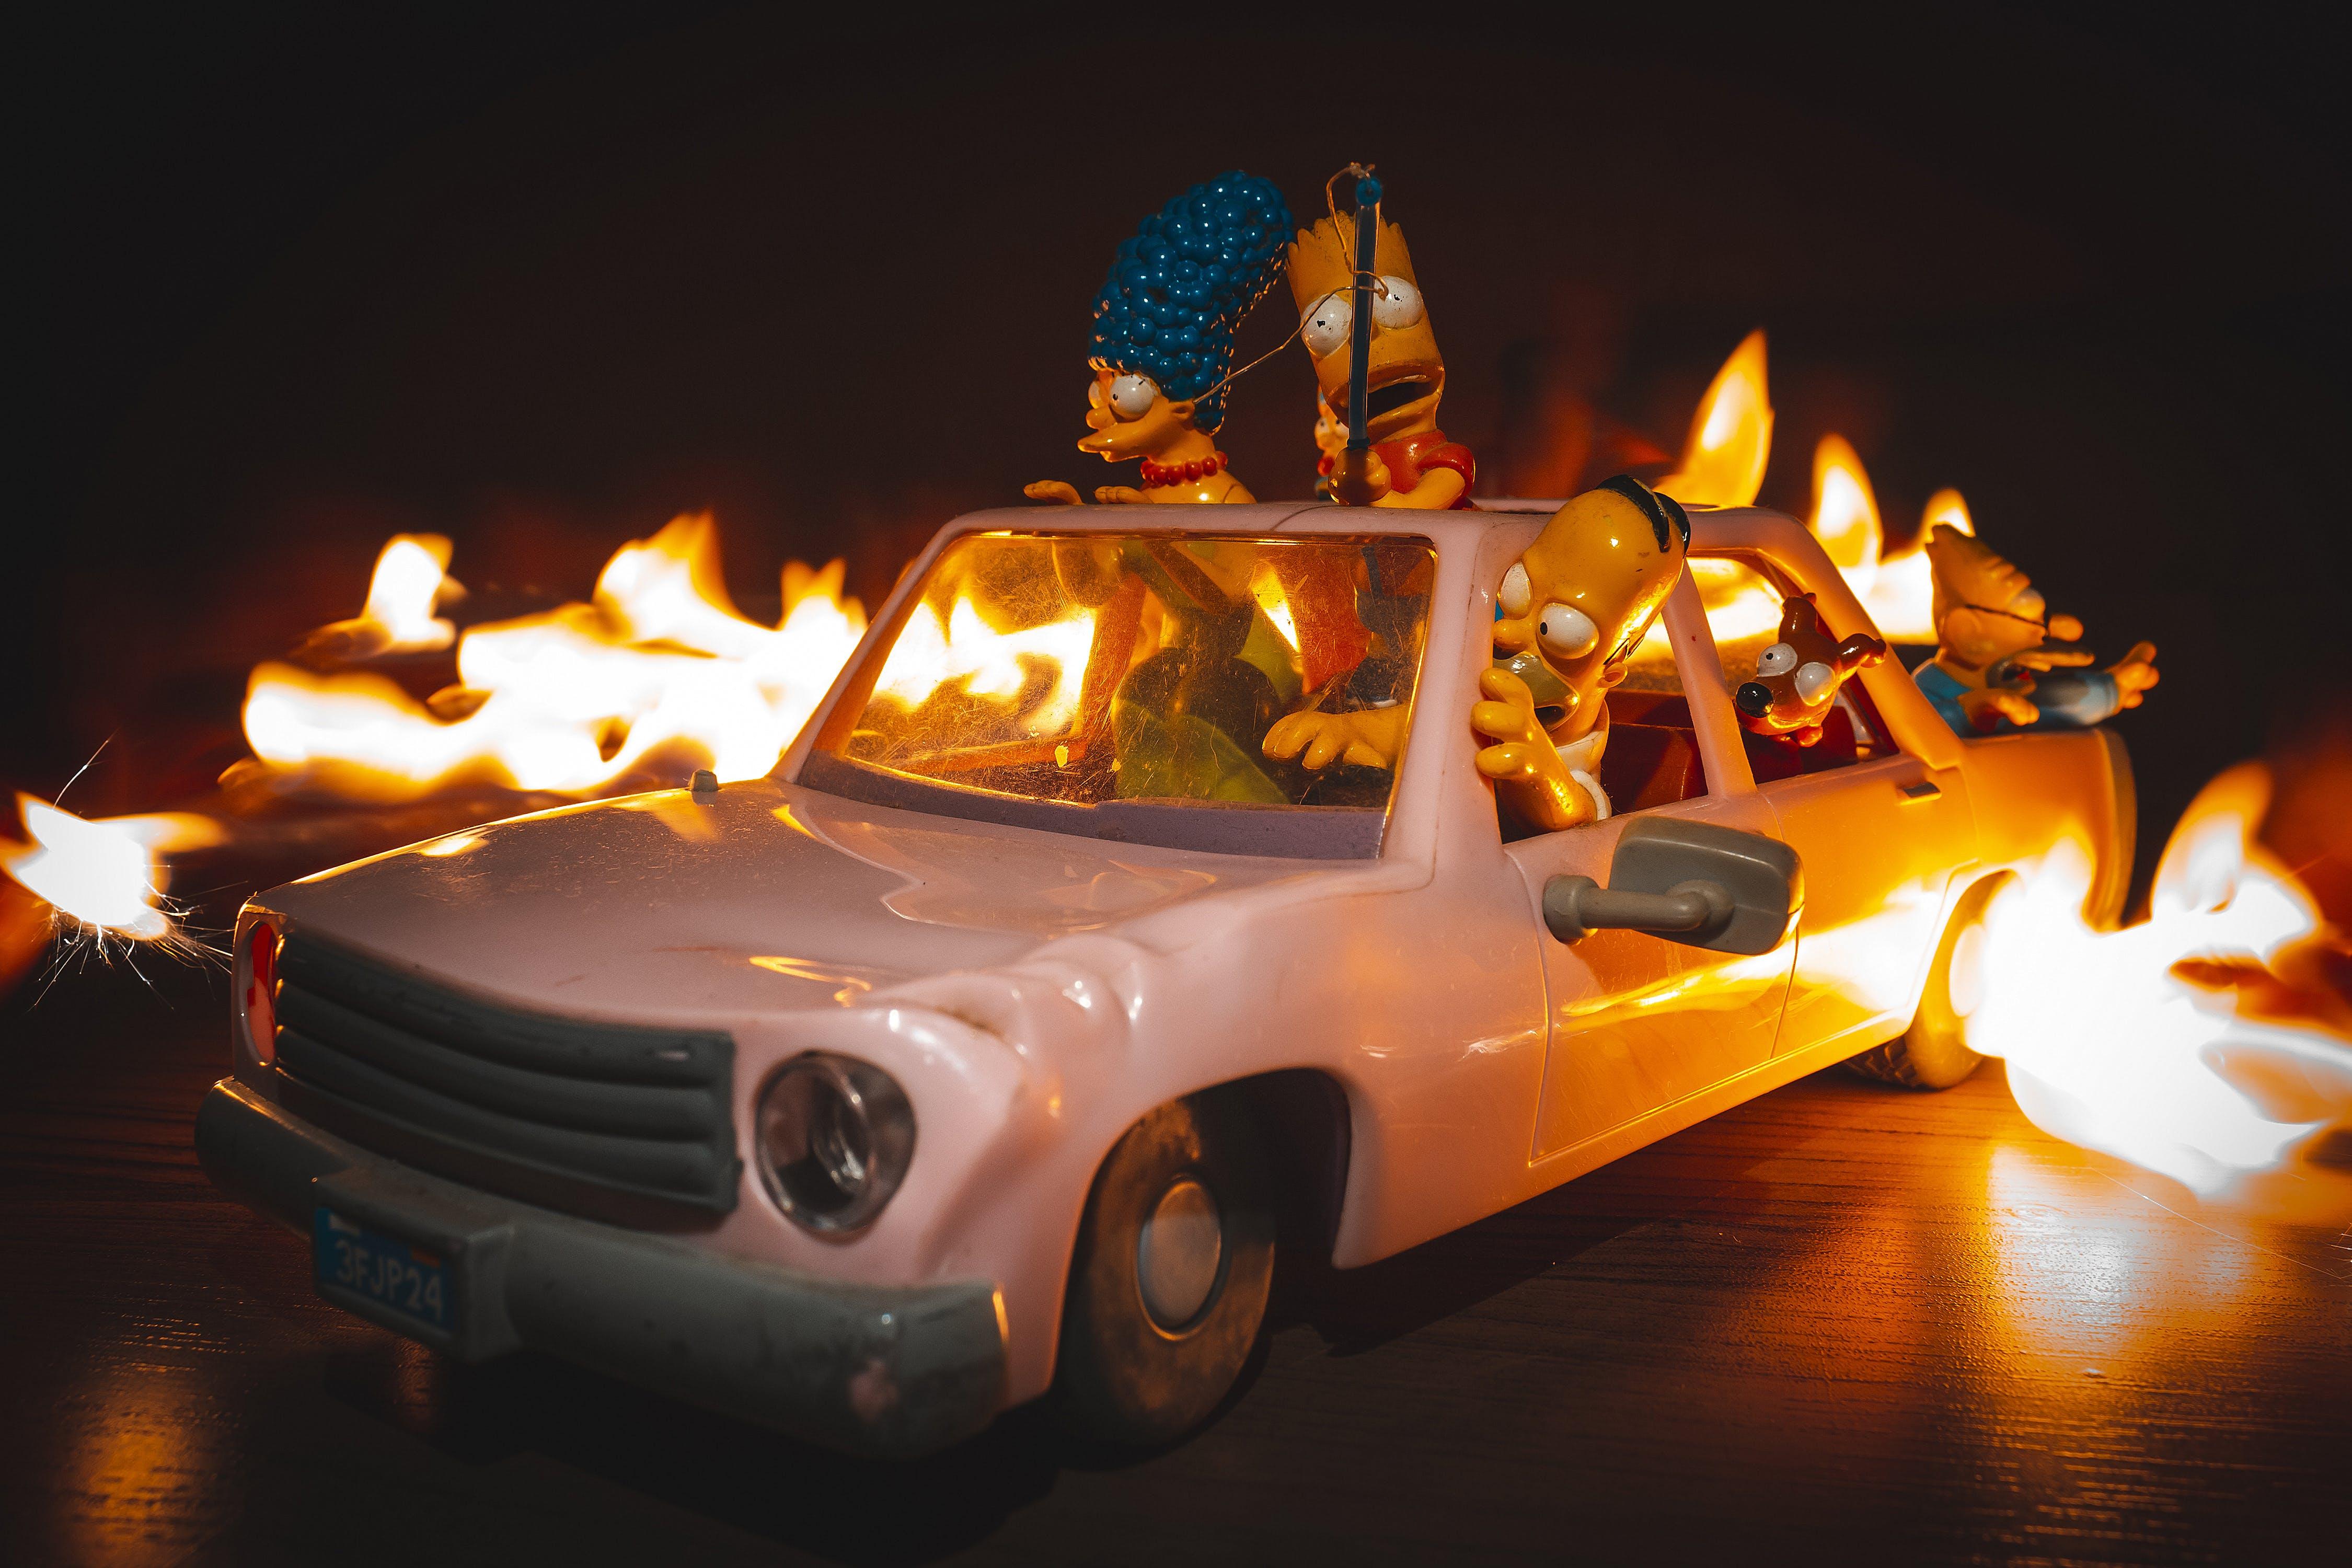 Gratis lagerfoto af action figur, exposição longa, fogo